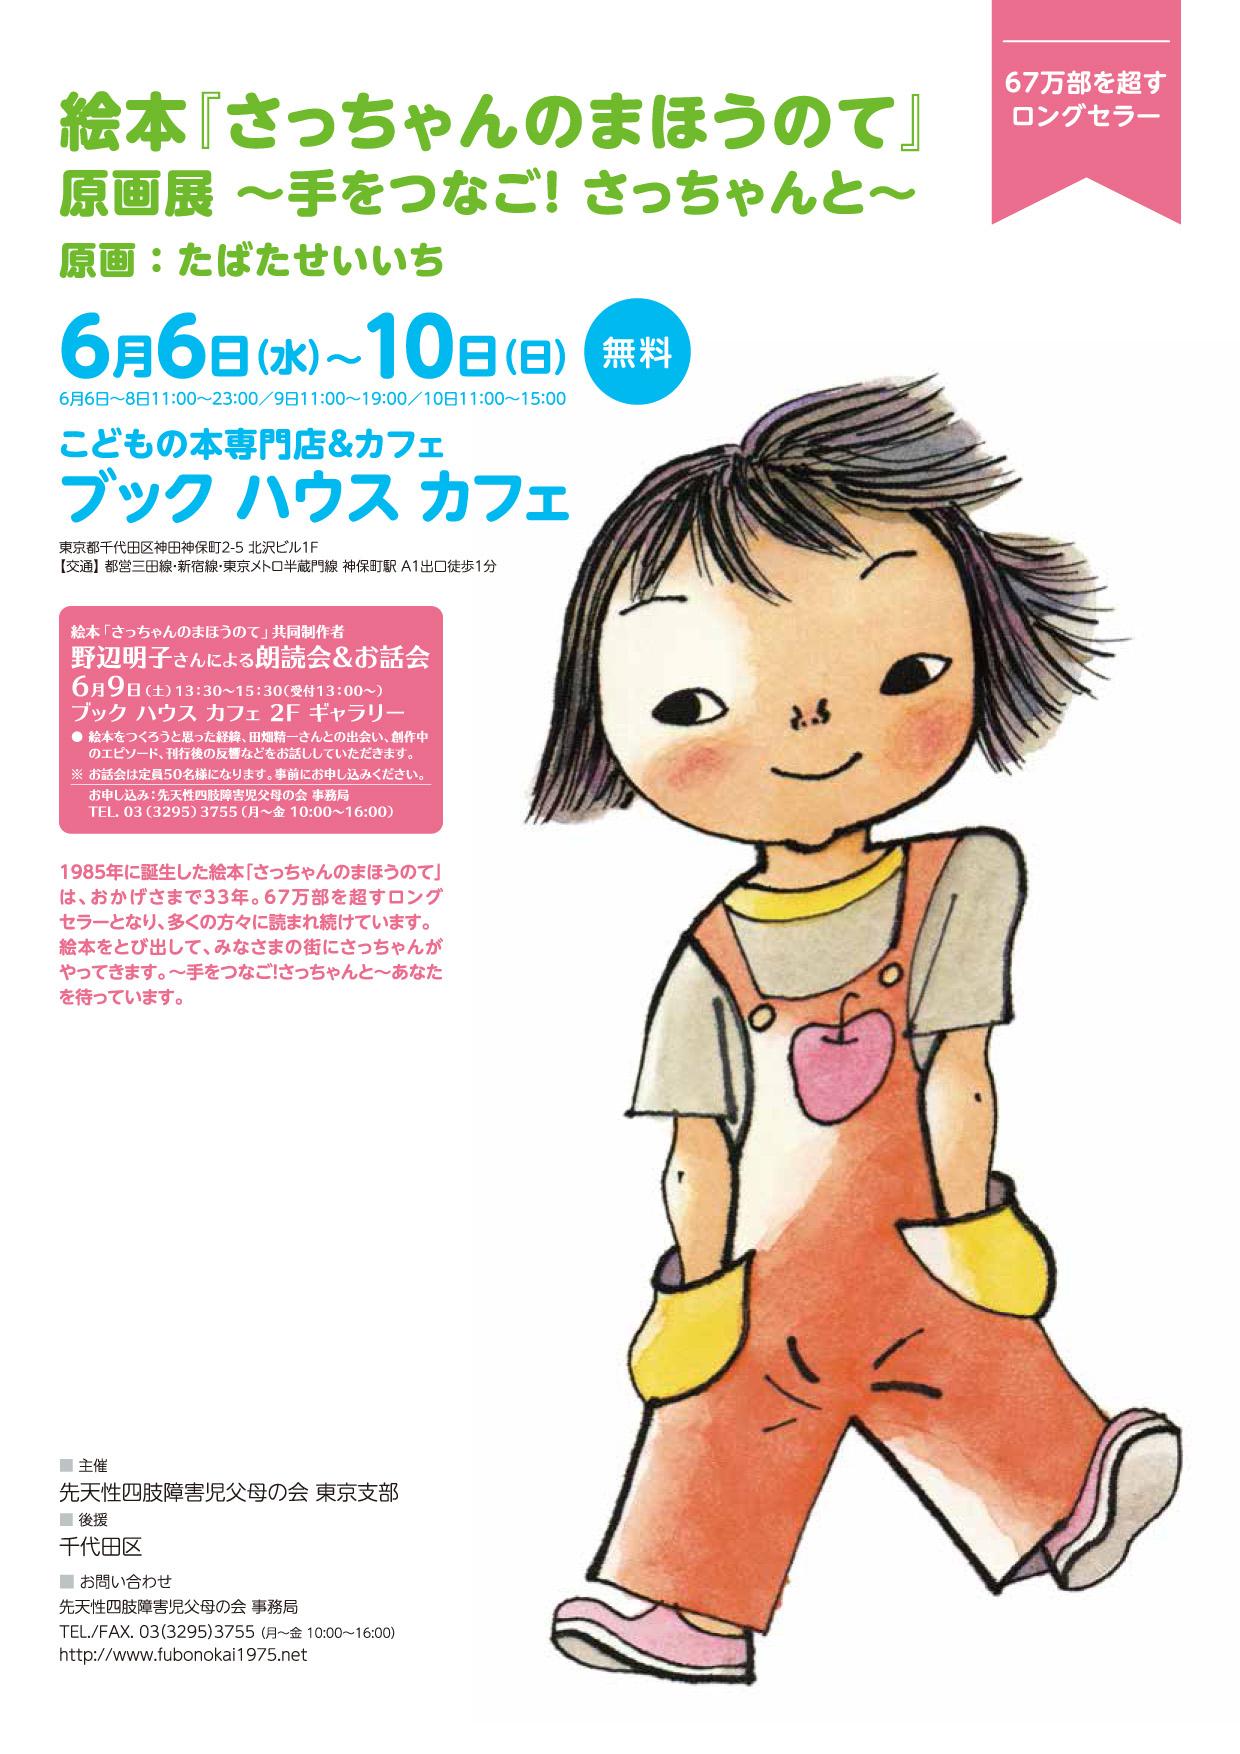 絵本『さっちゃんとまほうのて』原画展〜手をつなご!さっちゃんと〜